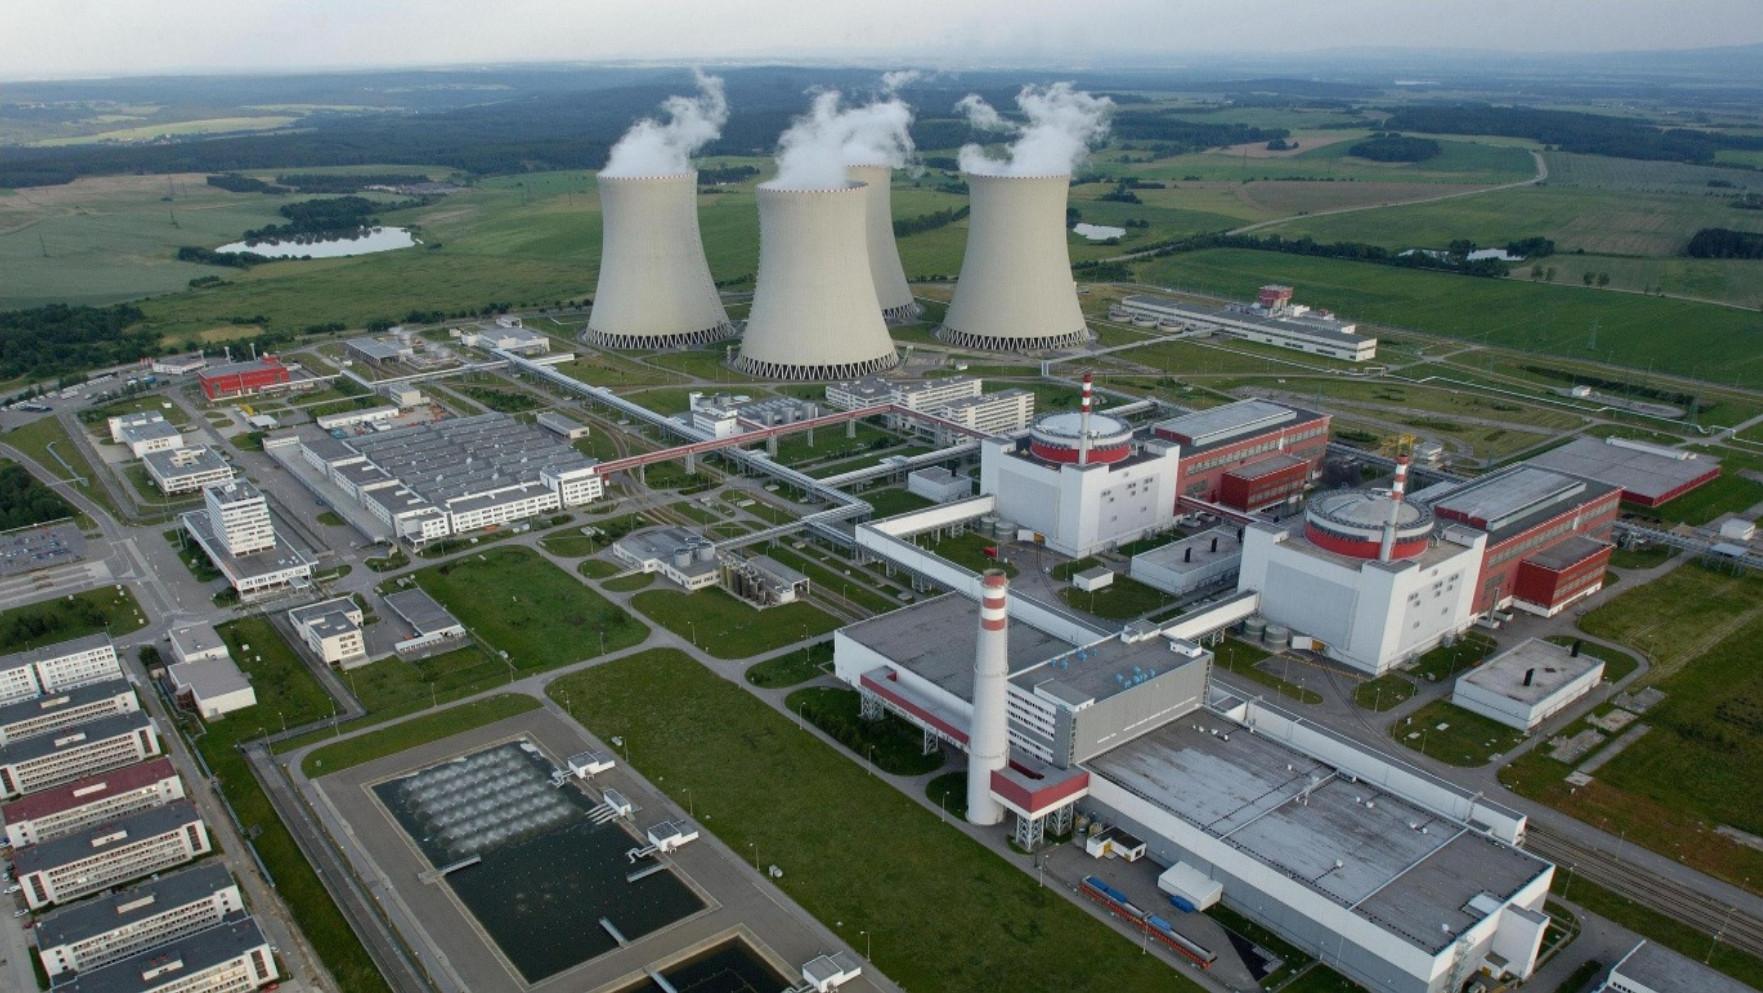 Σε πλήρη εξέλιξη η κατασκευή του πυρηνικού σταθμού στο Akkuyu